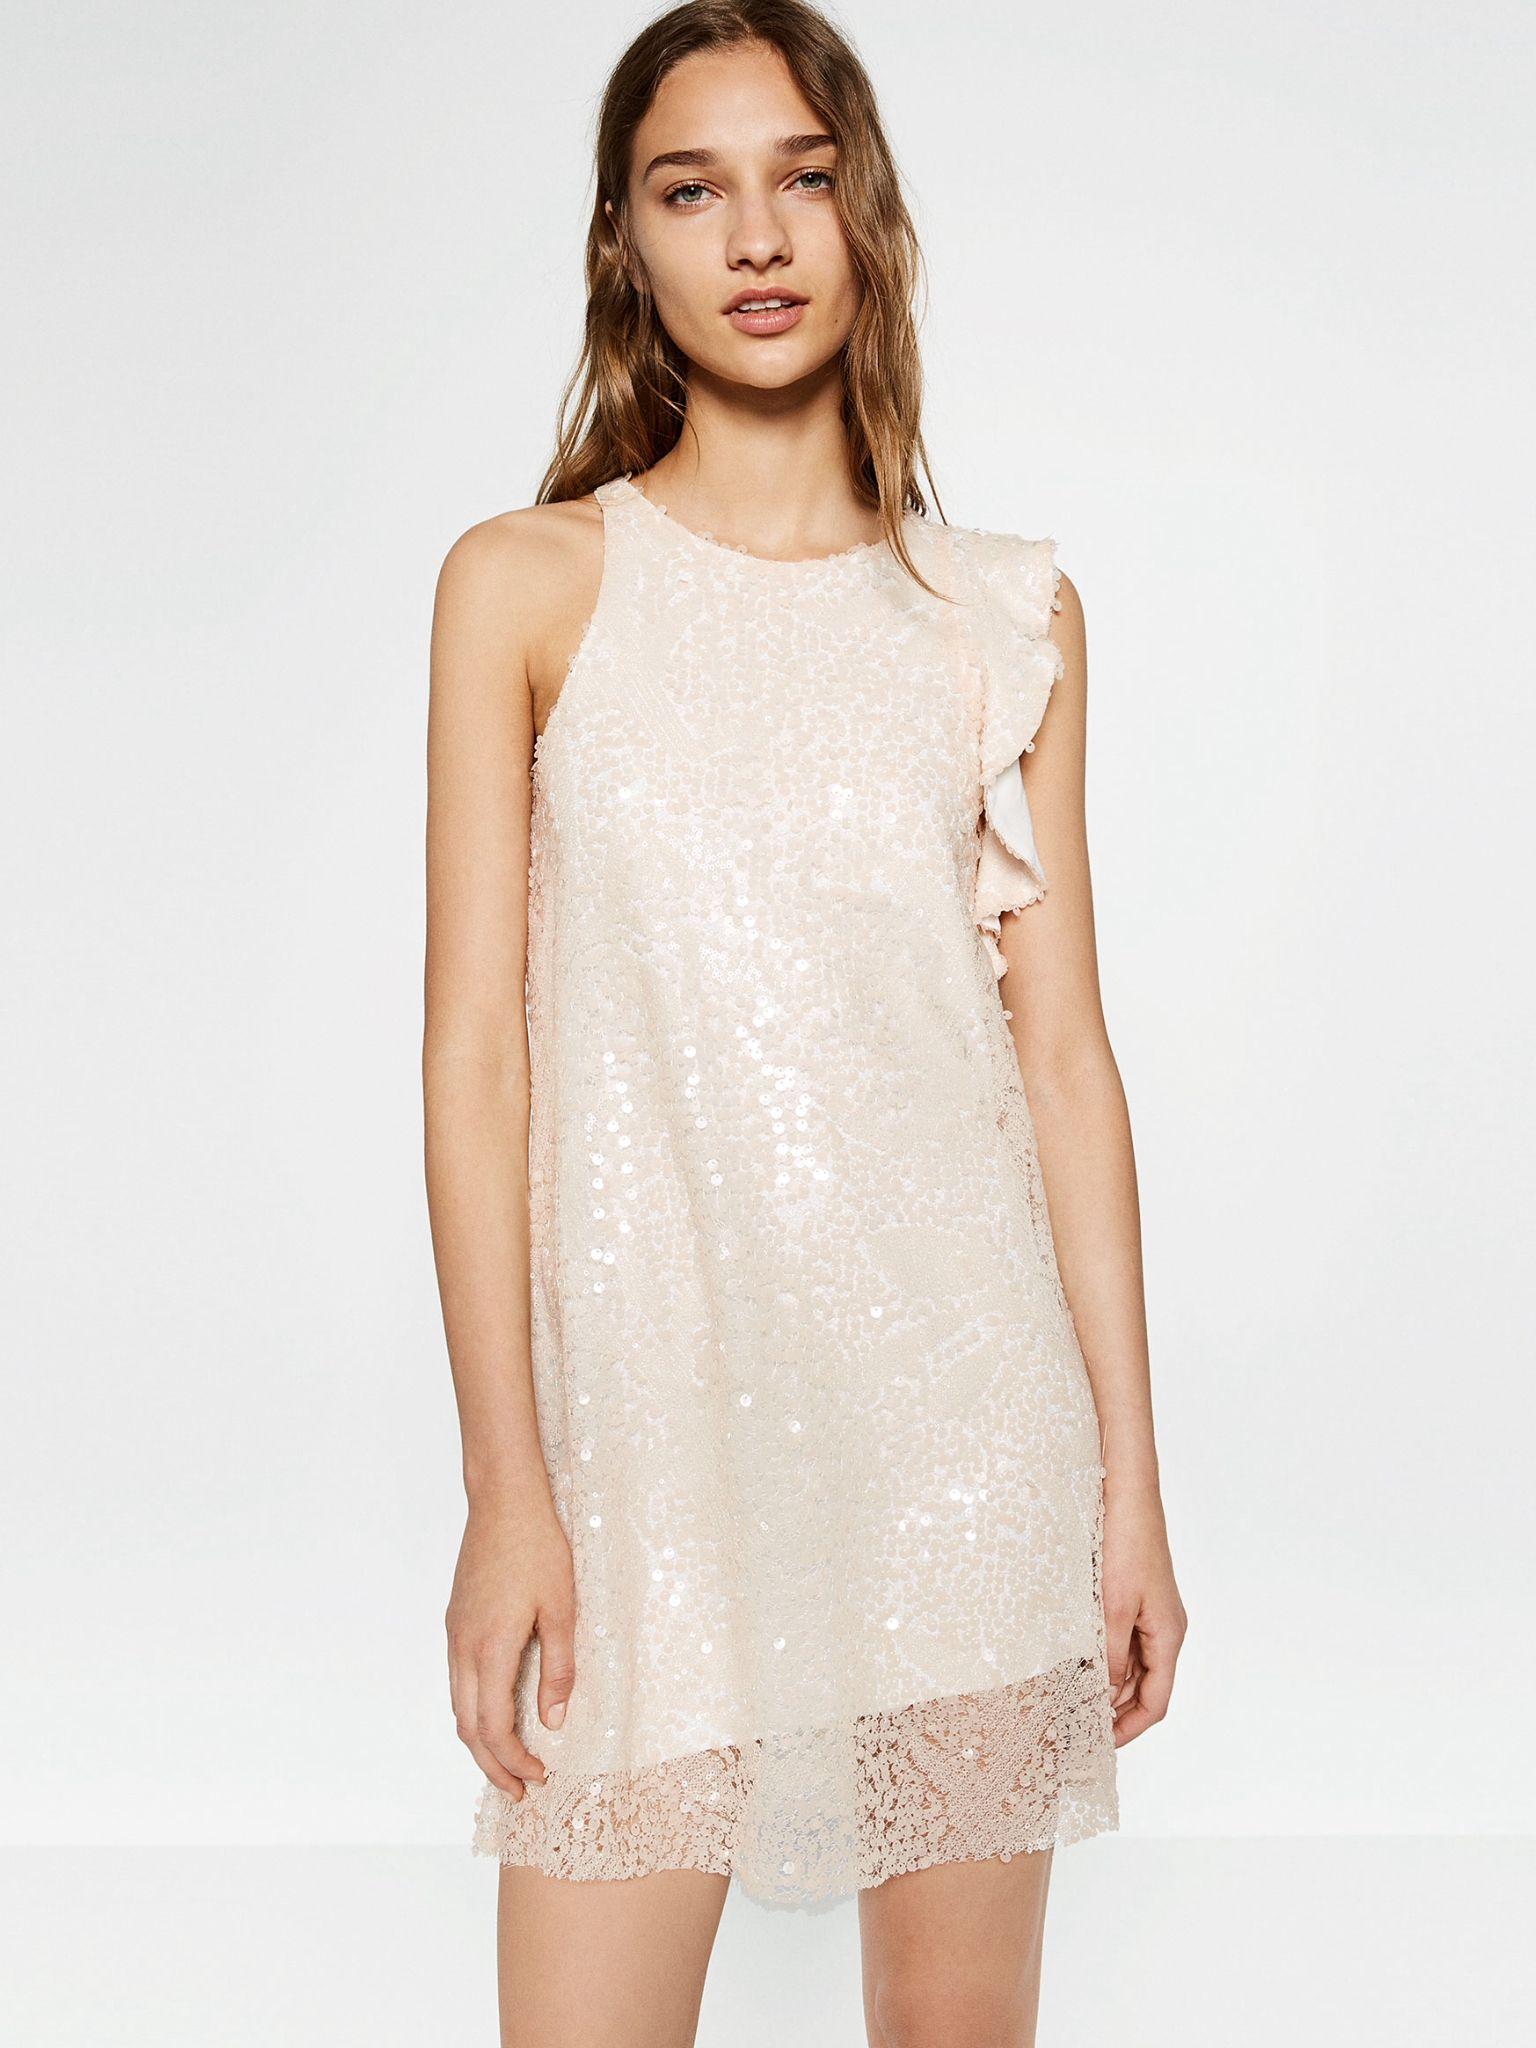 865ddc874 vestido zara - Chicfy